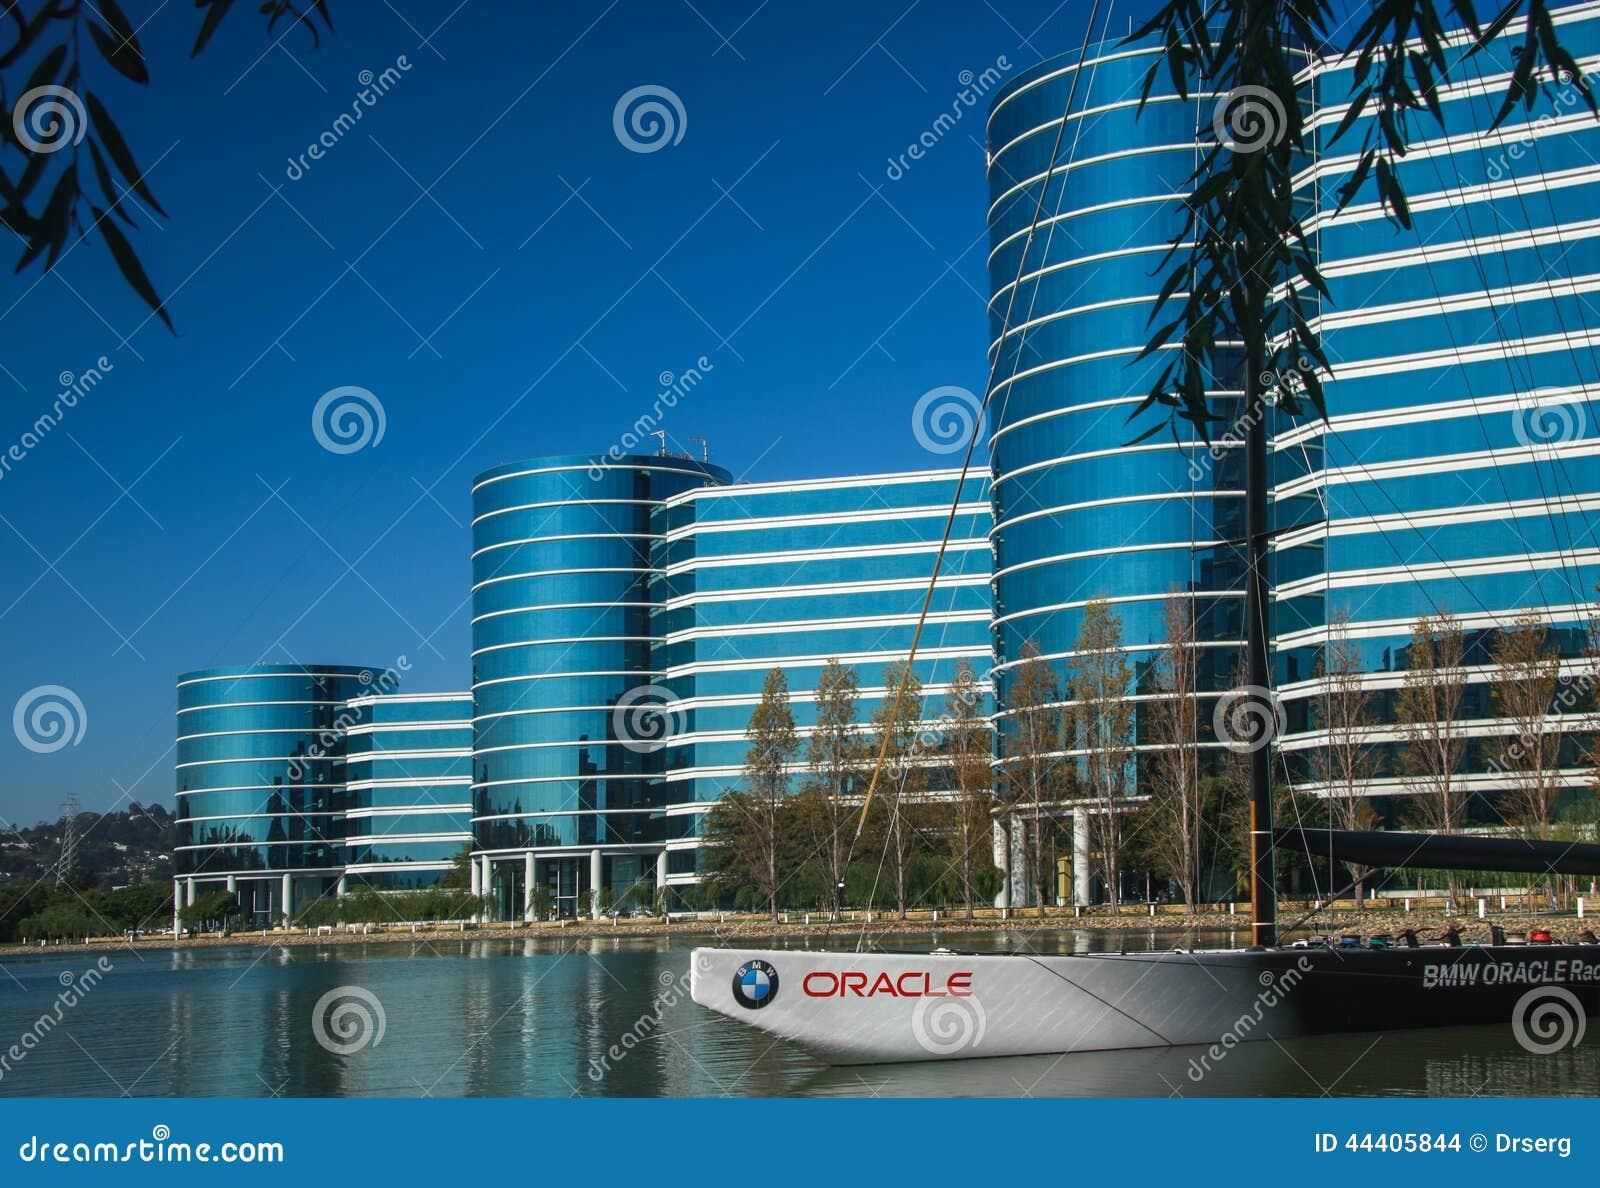 Die Oracle-Hauptsitze